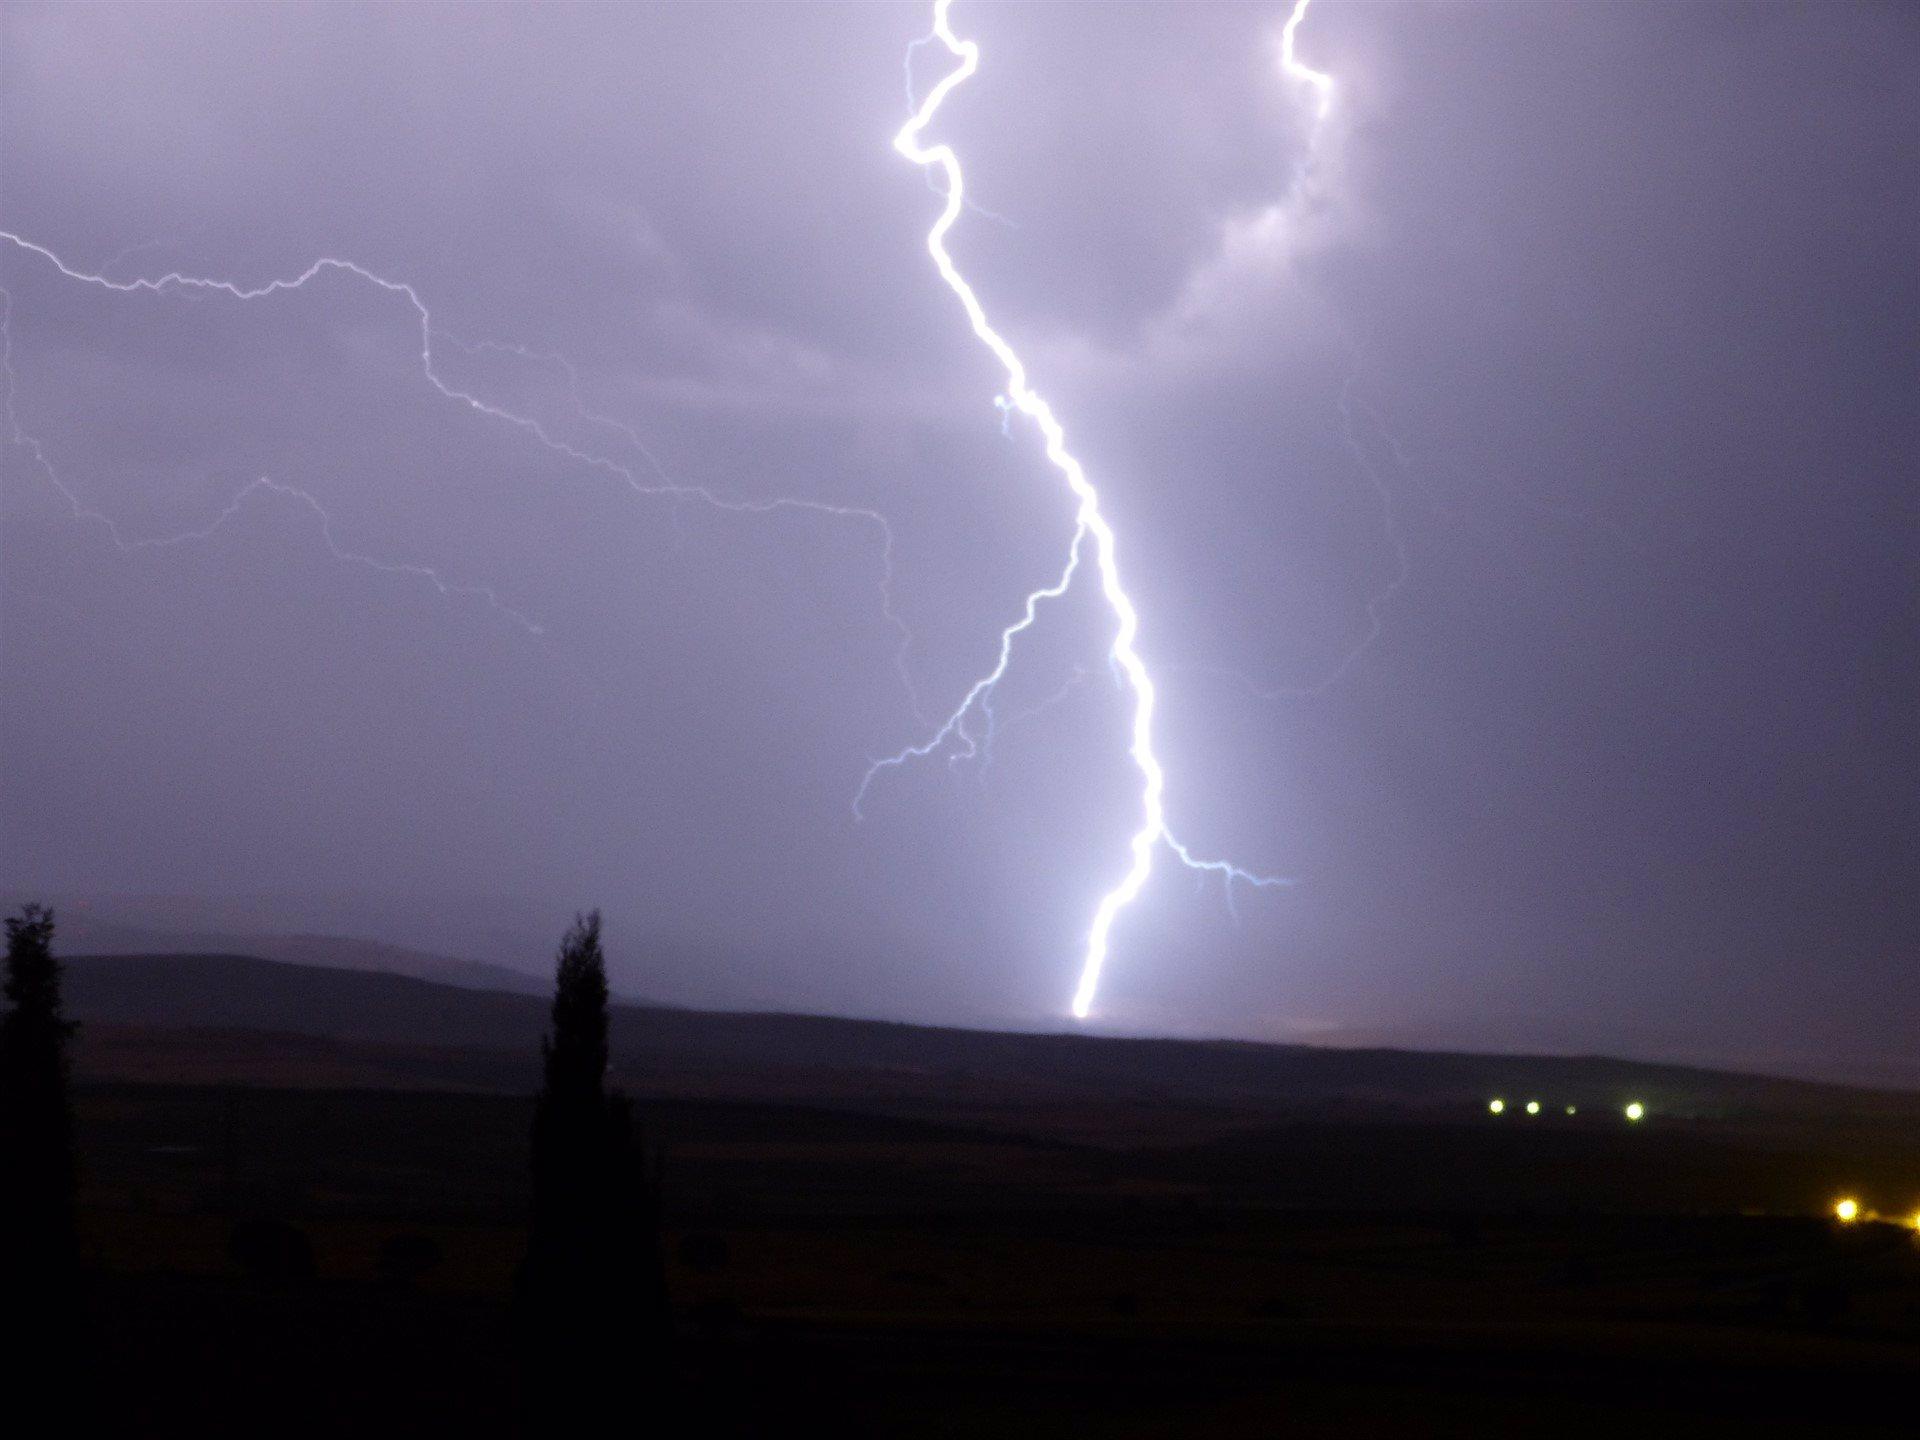 La tormenta provoca que hasta 50 rayos impacten sobre Ibiza